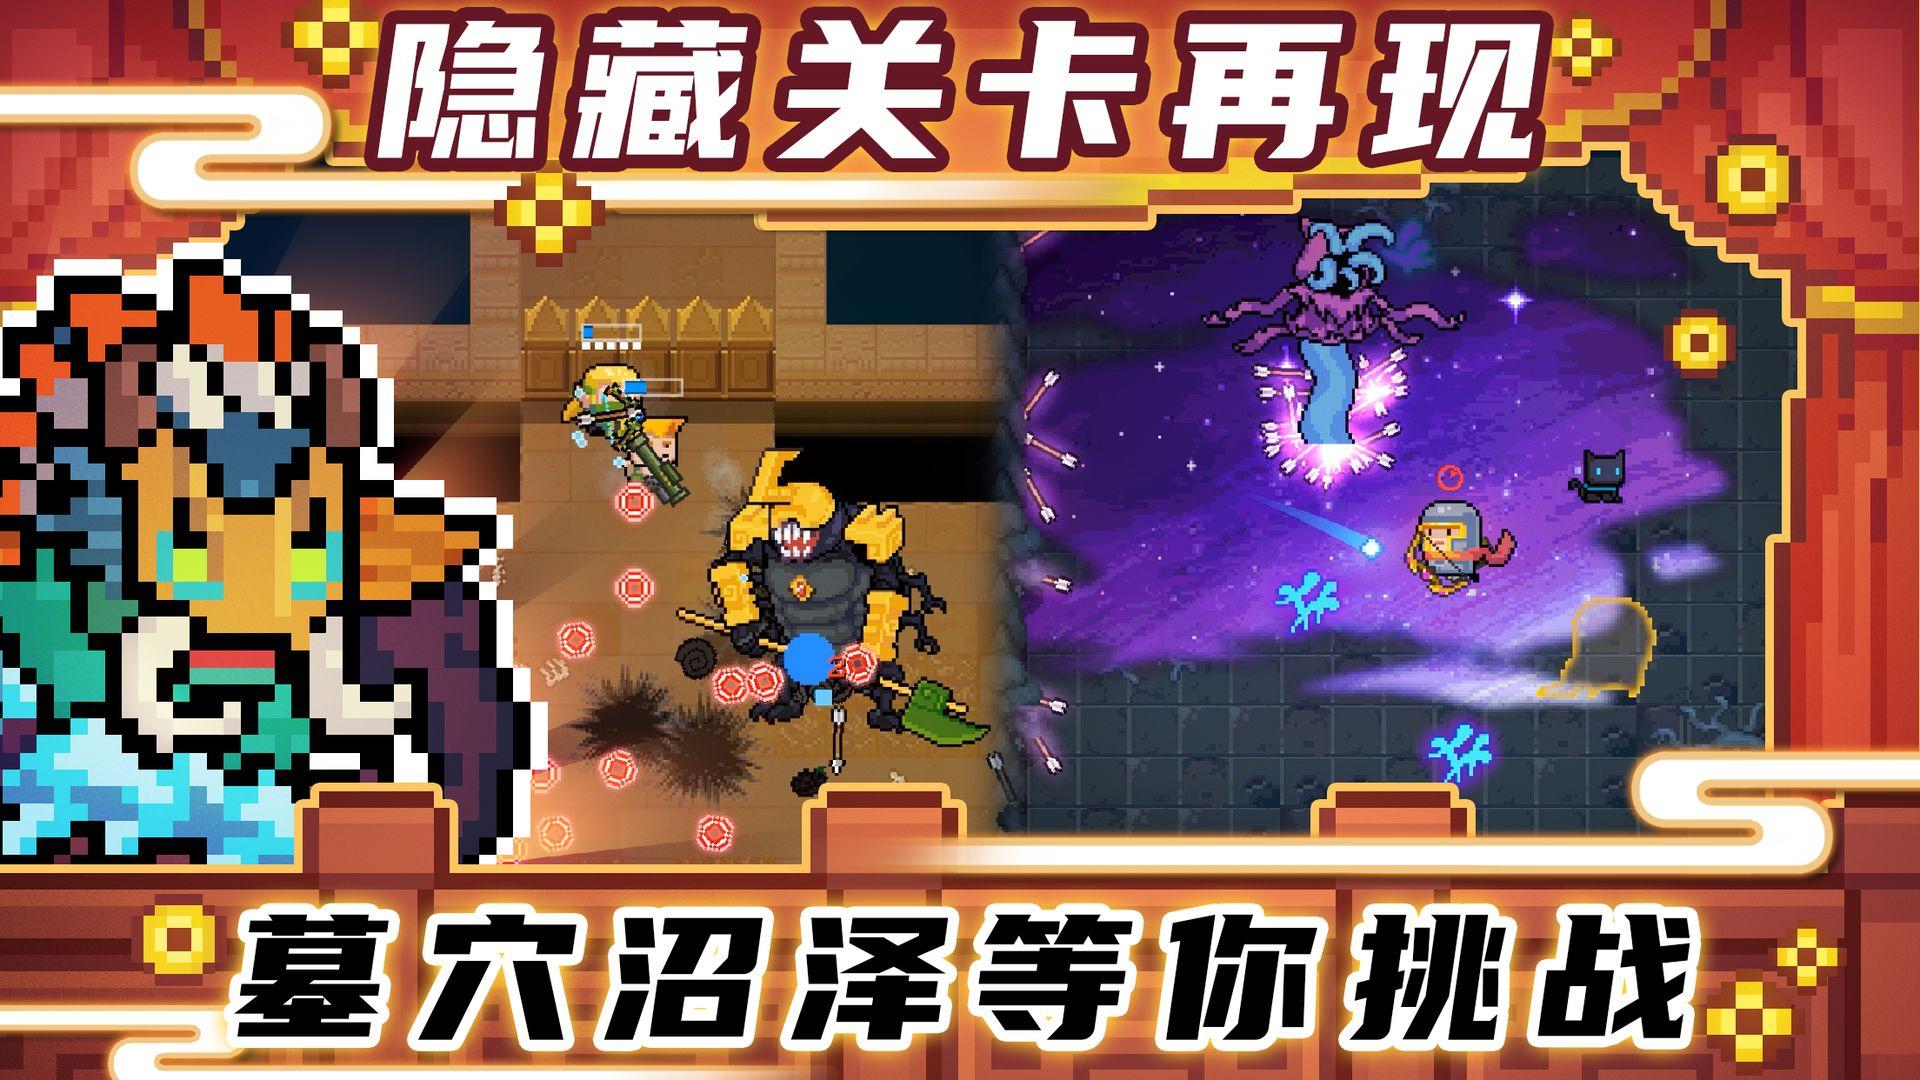 元气骑士破解版最新版无限蓝无限技能图片1